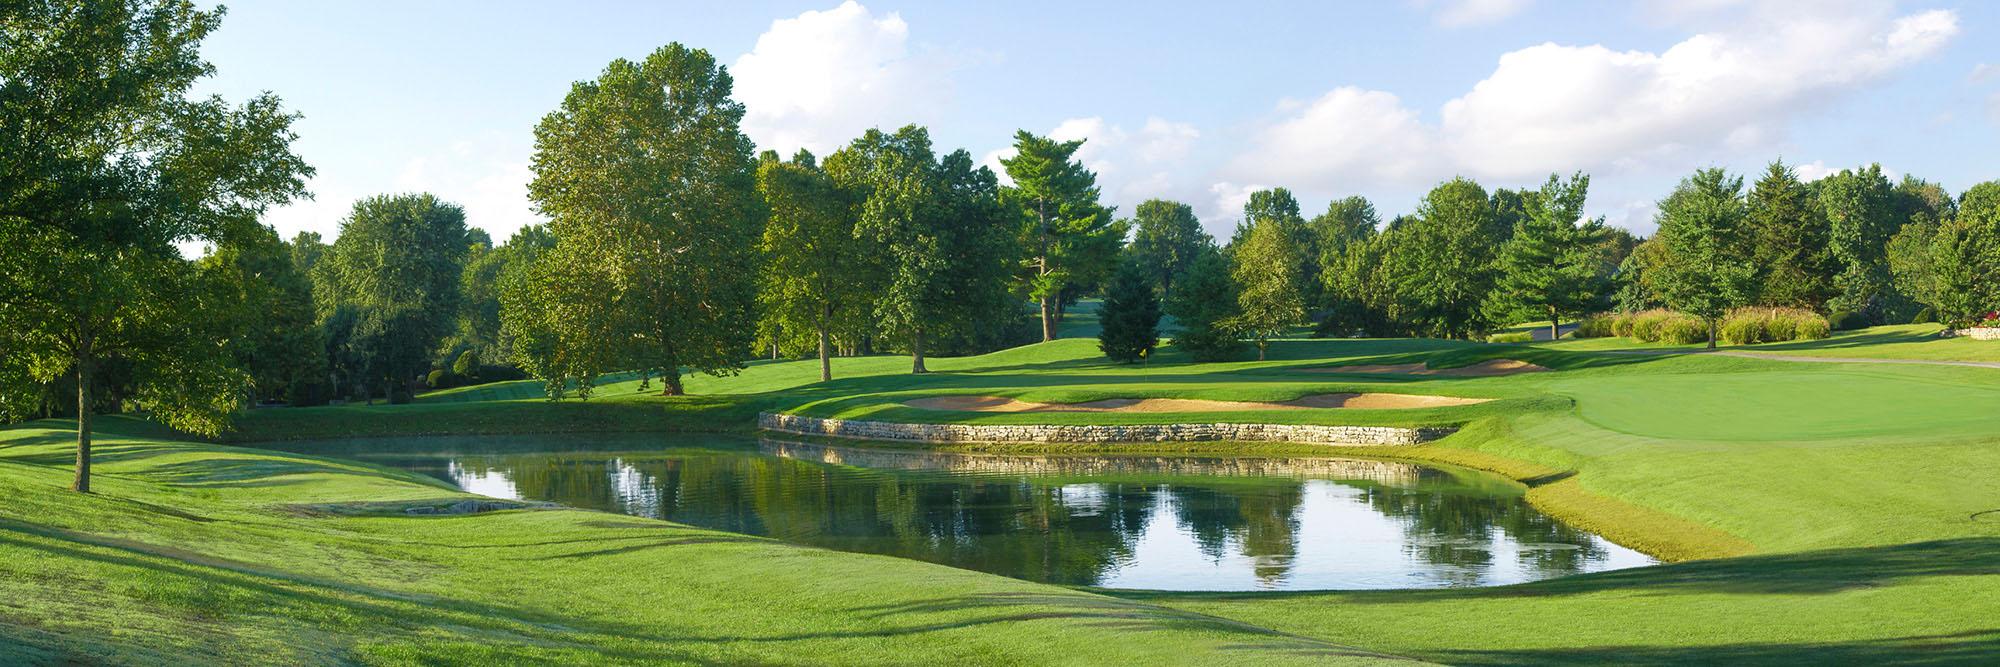 Golf Course Image - Hickory Hills No. 2